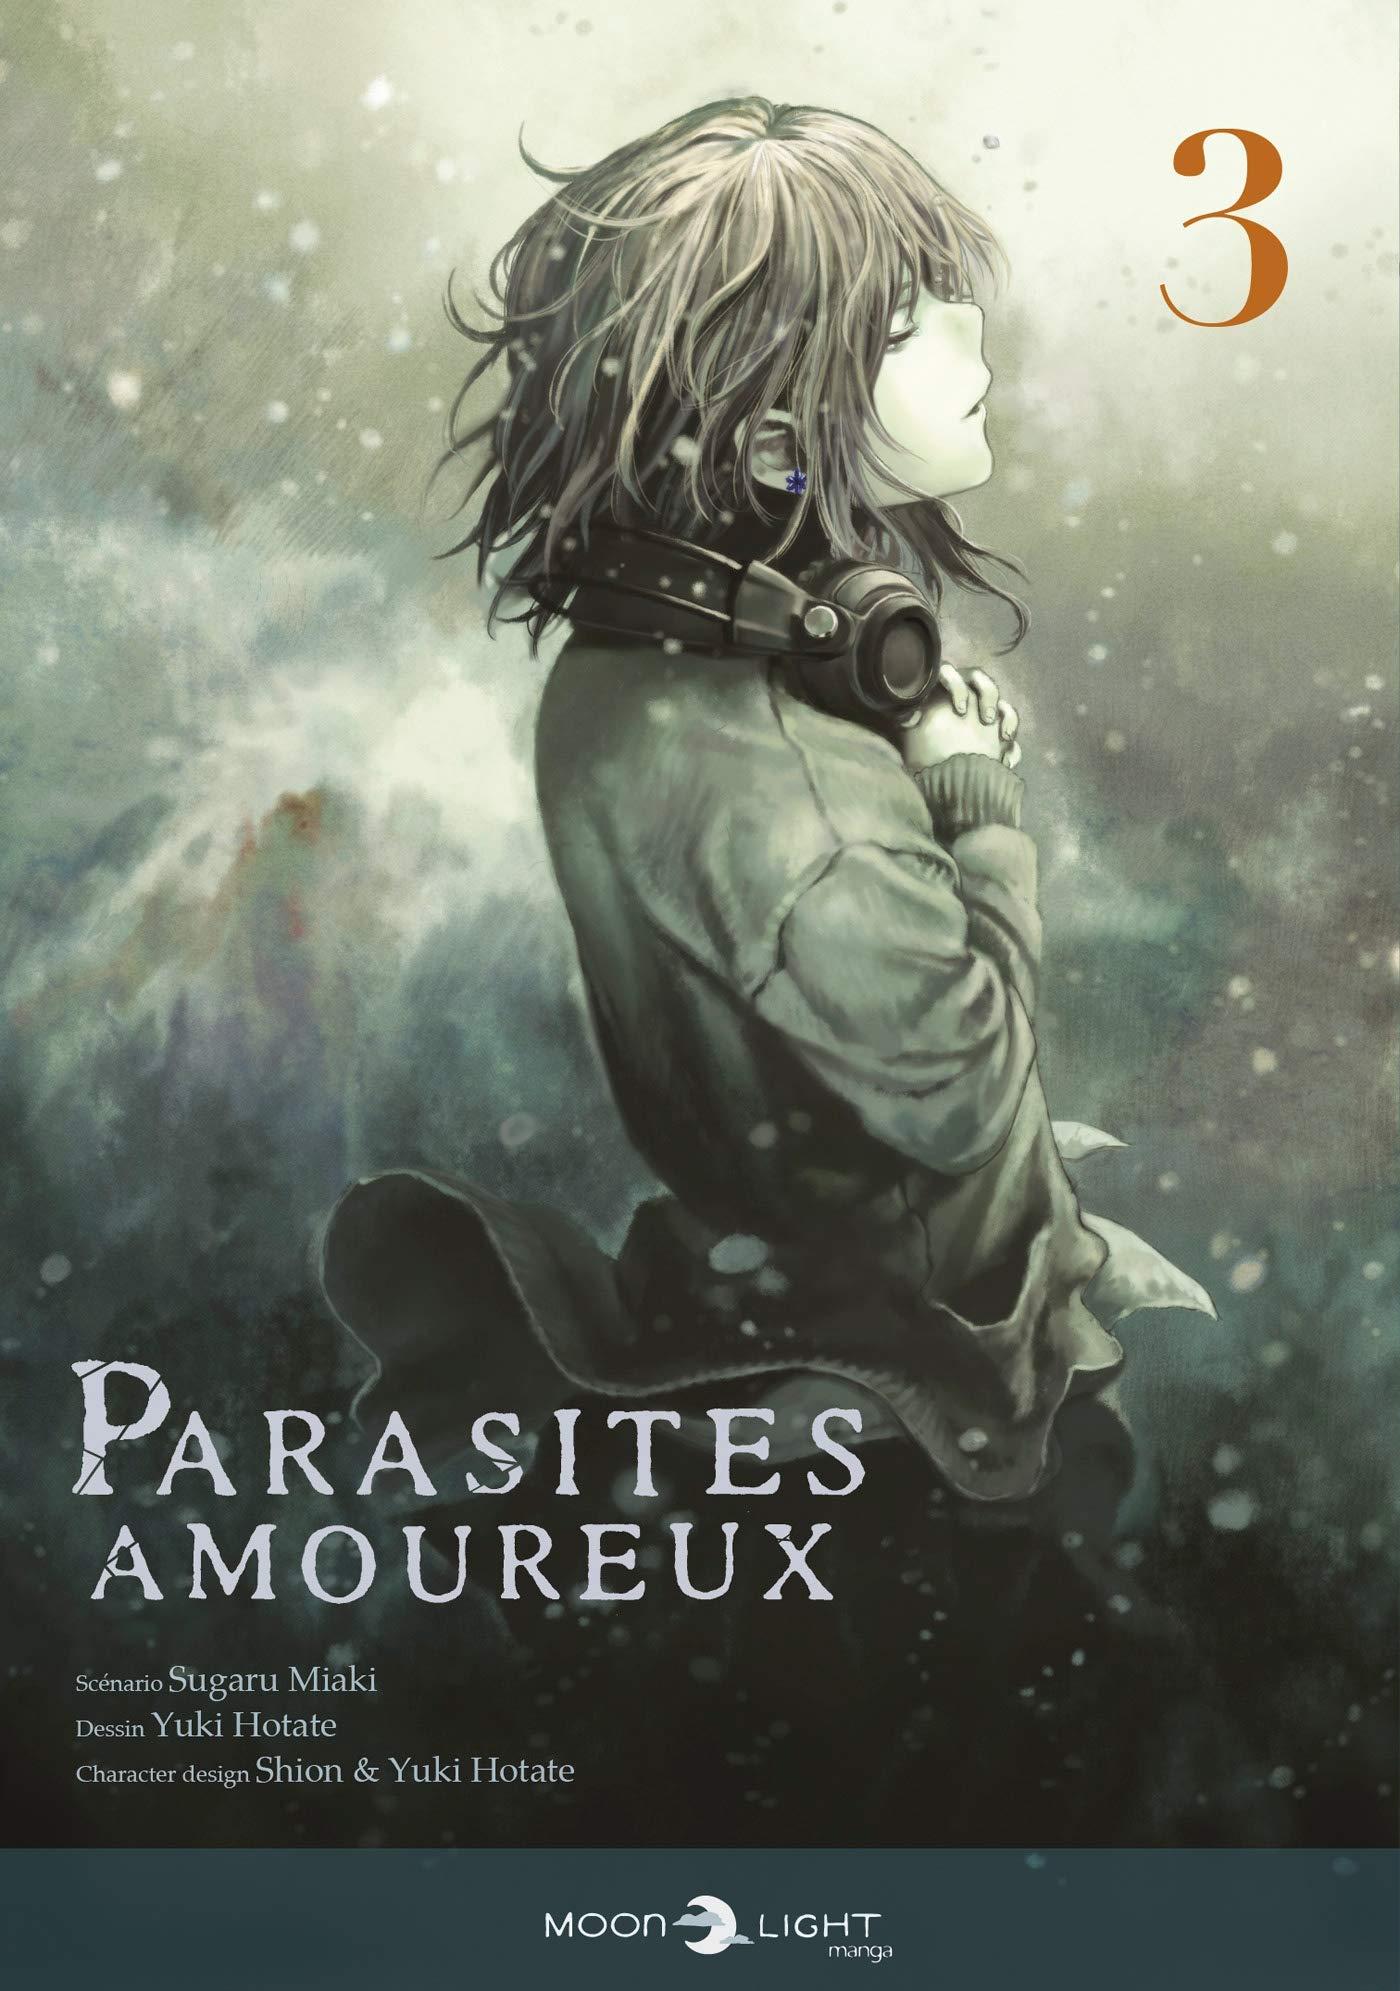 Parasites amoureux 3